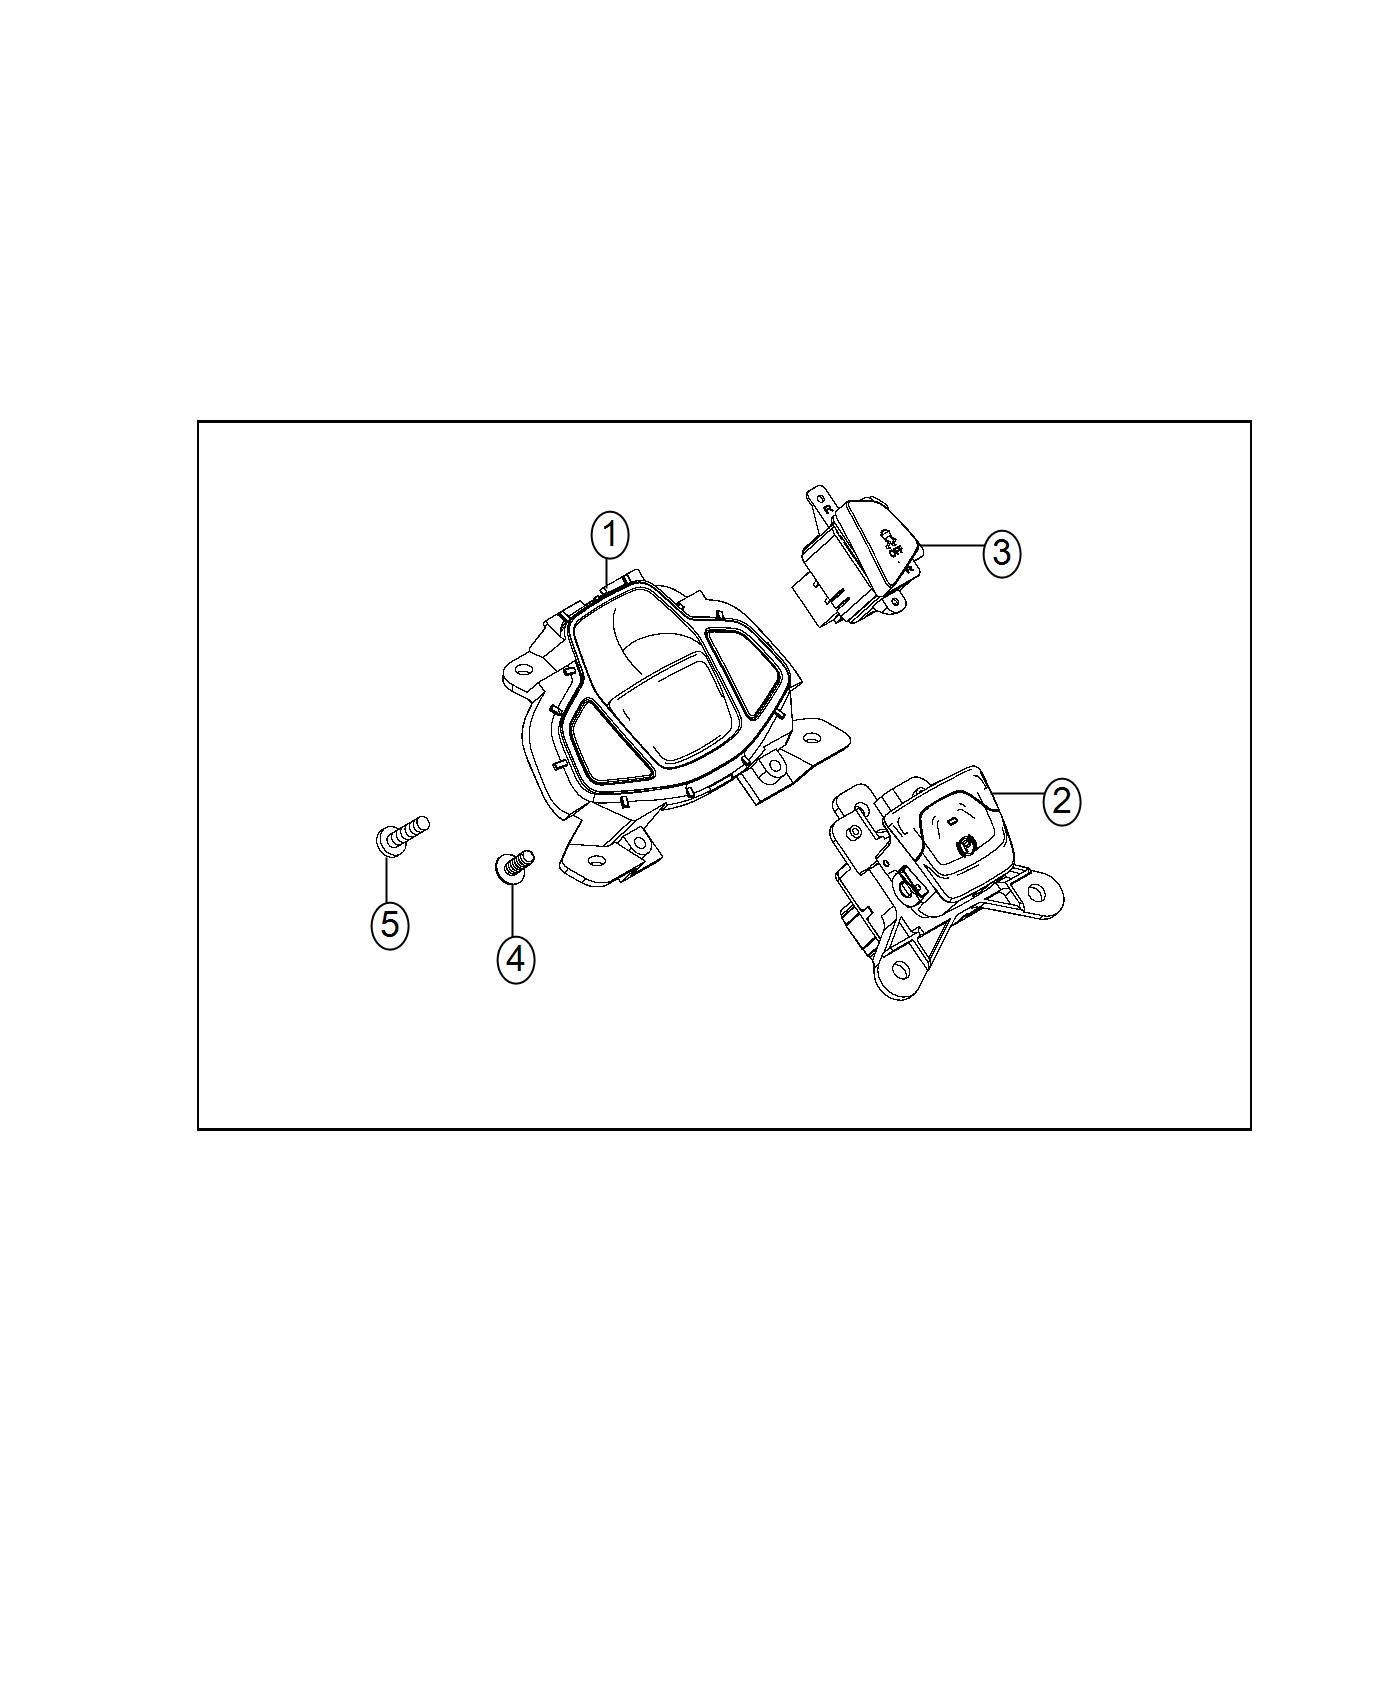 2017 Jeep Renegade Screw. Torx head. Export, us, canada